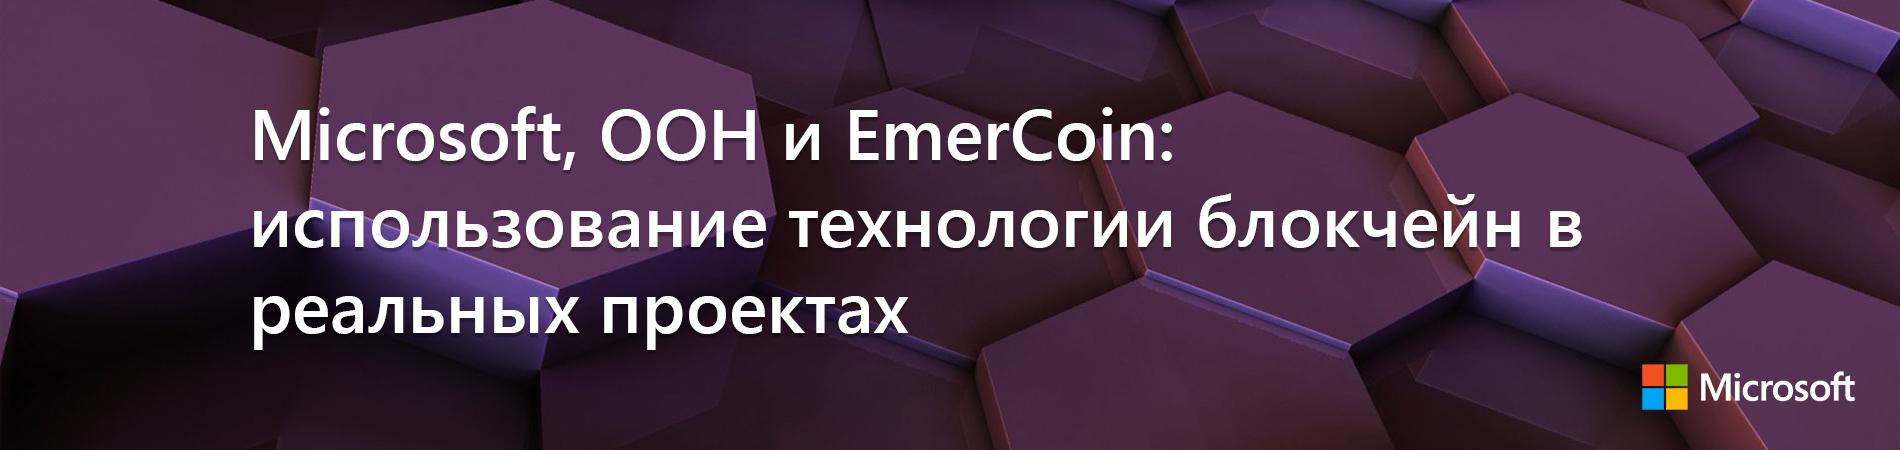 Microsoft, ООН и EmerCoin: использование технологии блокчейн в реальных проектах